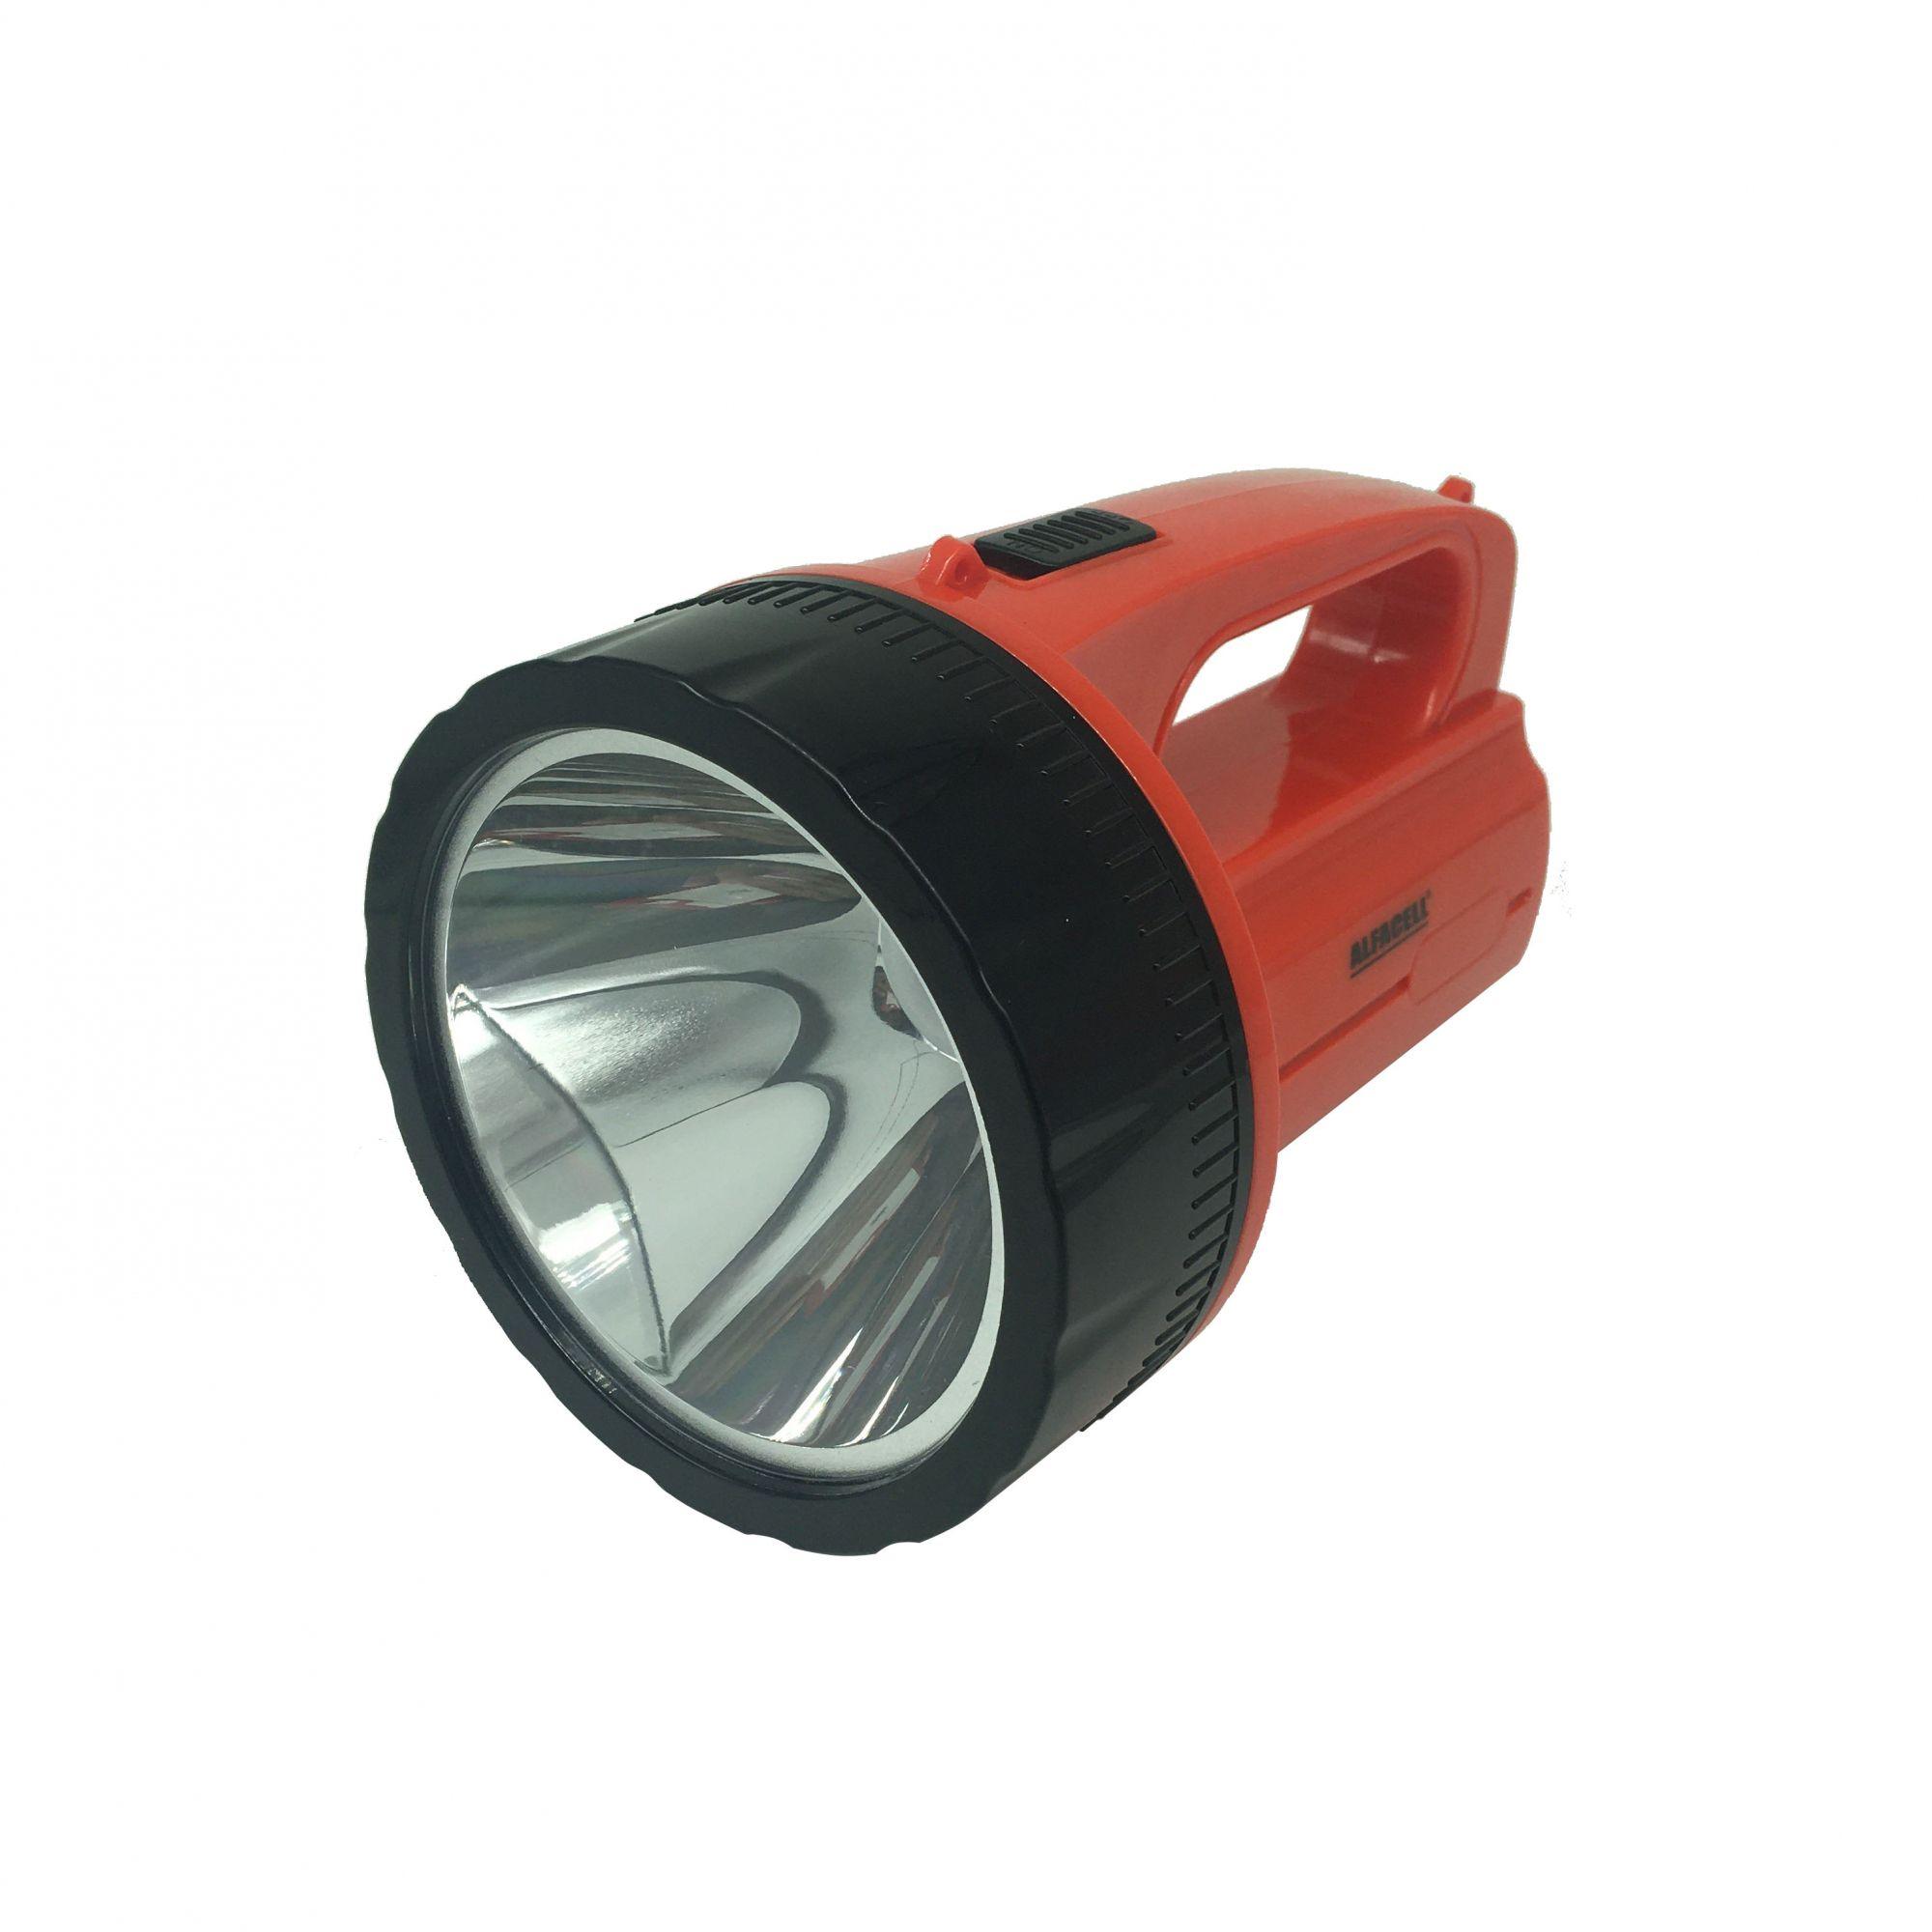 Lanterna LED 1W Recarregável - Alfacell (Bivolt)